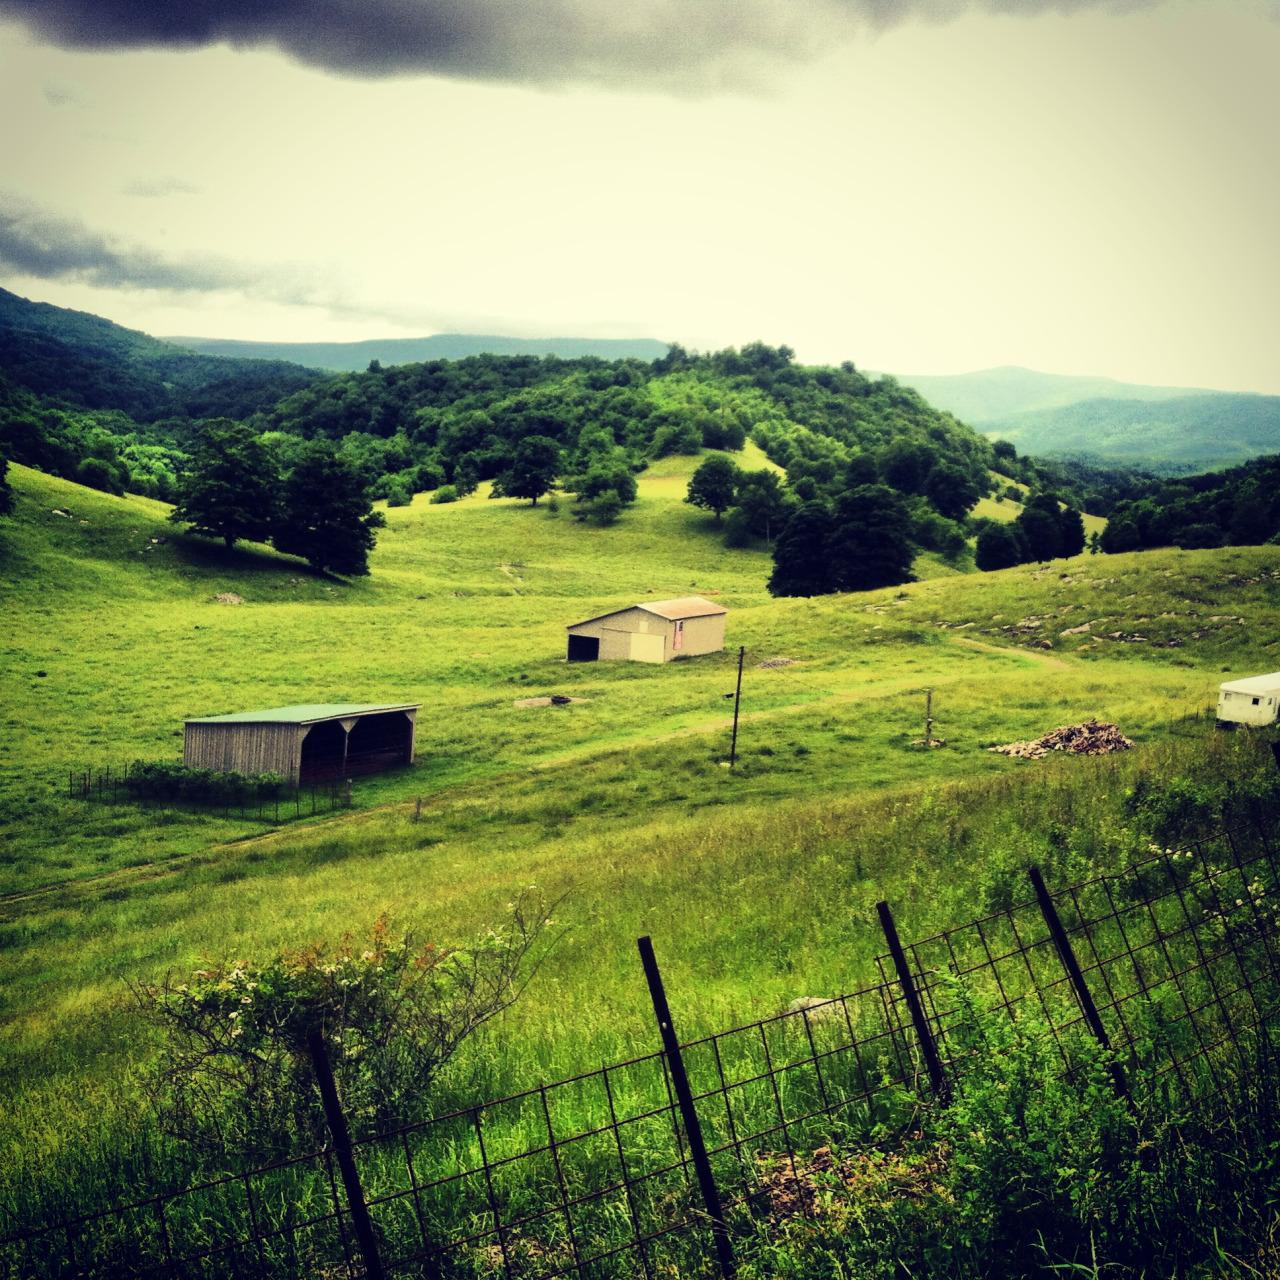 Hillsboro, West Virginia